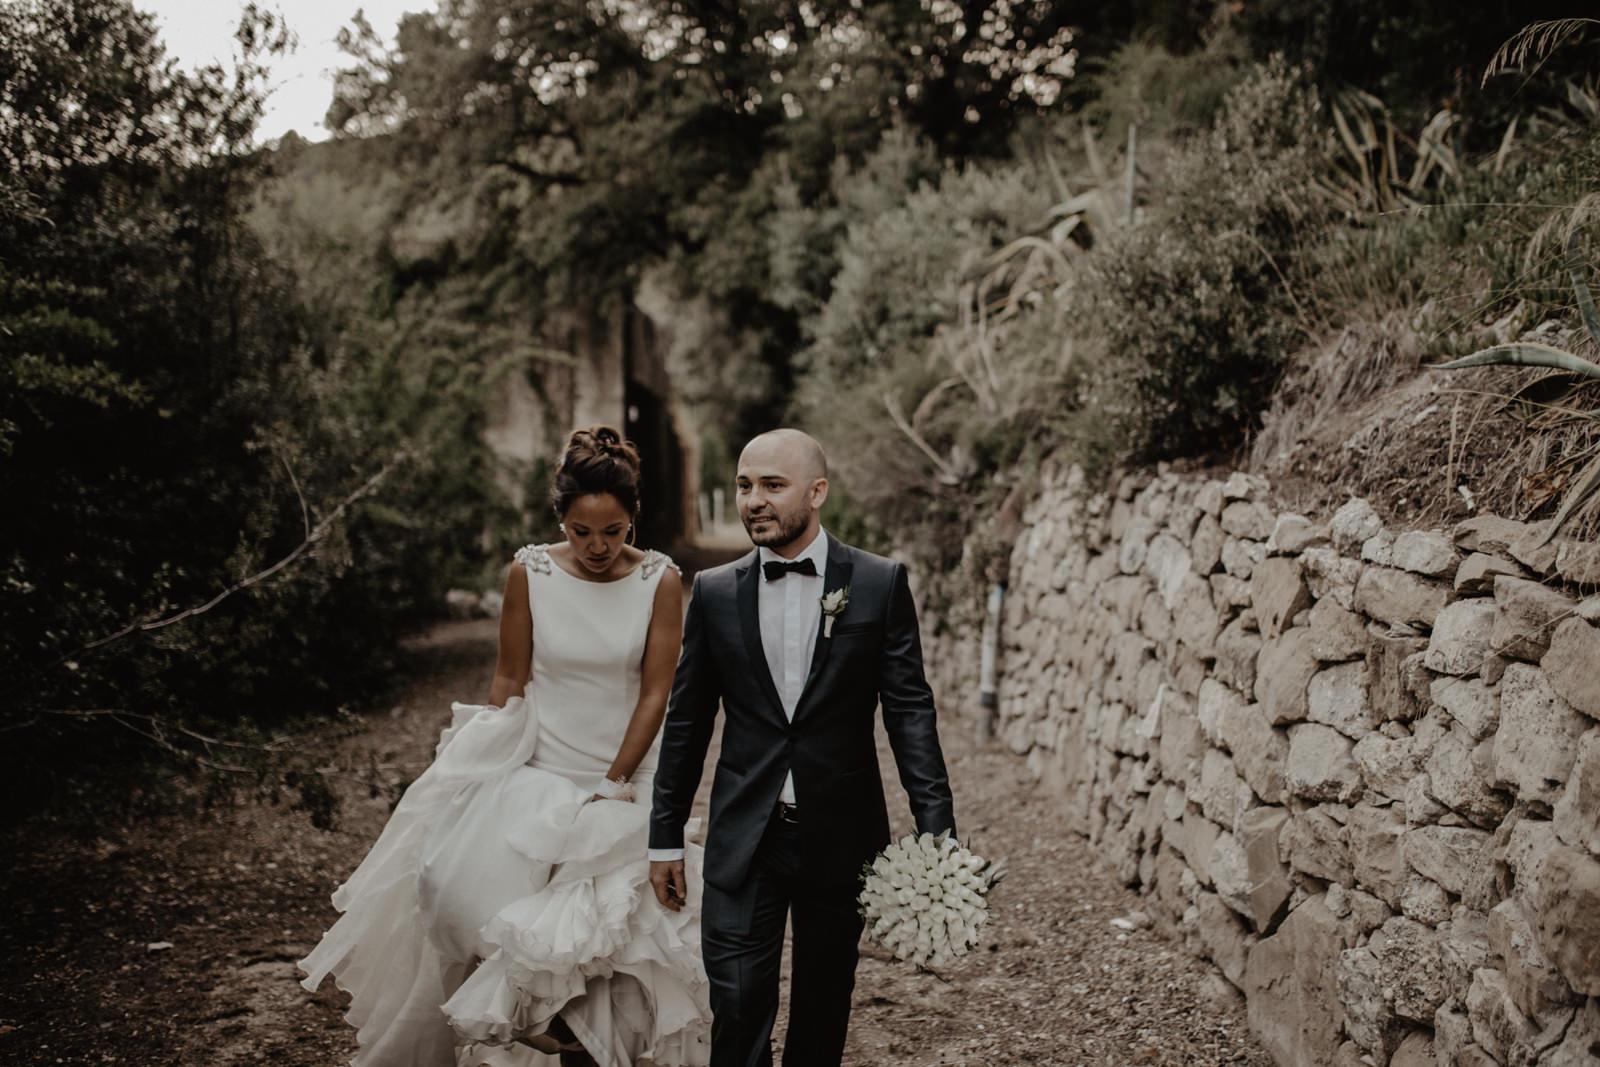 thenortherngirlphotography_photography_thenortherngirl_rebeccascabros_wedding_weddingphotography_weddingphotographer_barcelona_bodaenlabaronia_labaronia_japanesewedding_destinationwedding_shokoalbert-712.jpg